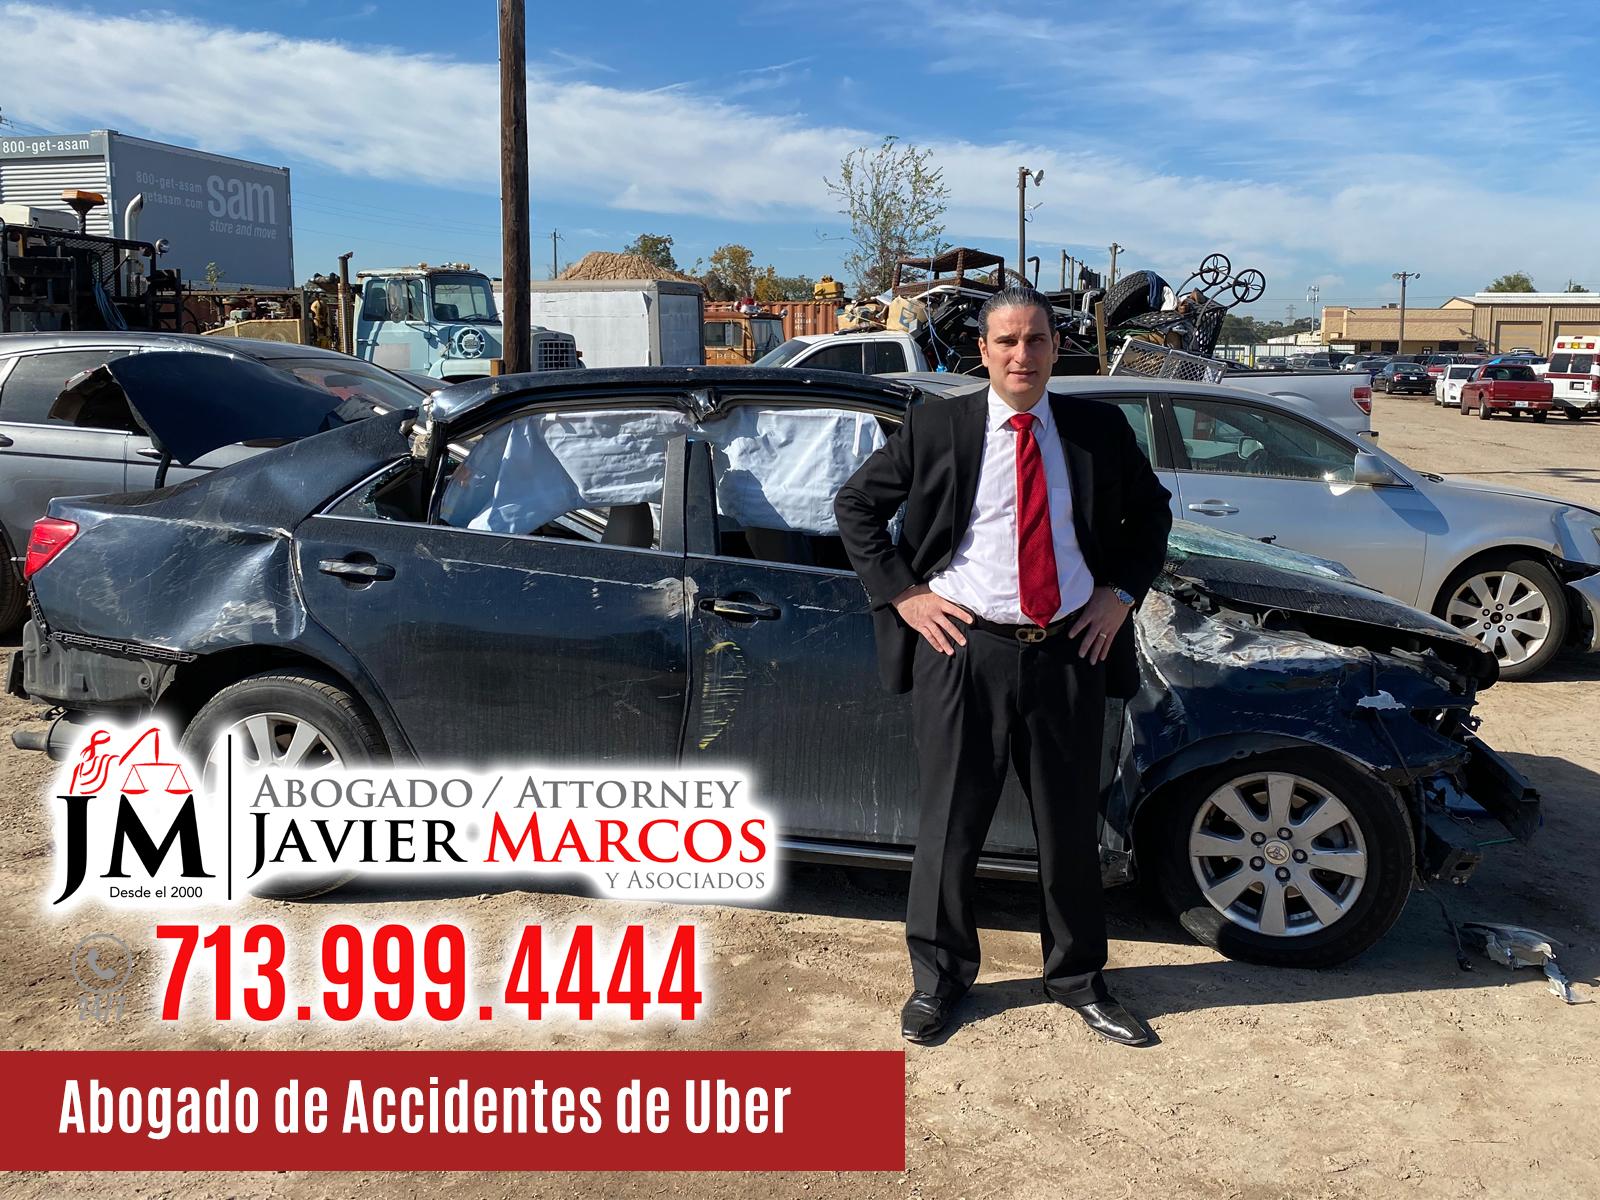 abogado de accidentes de uber